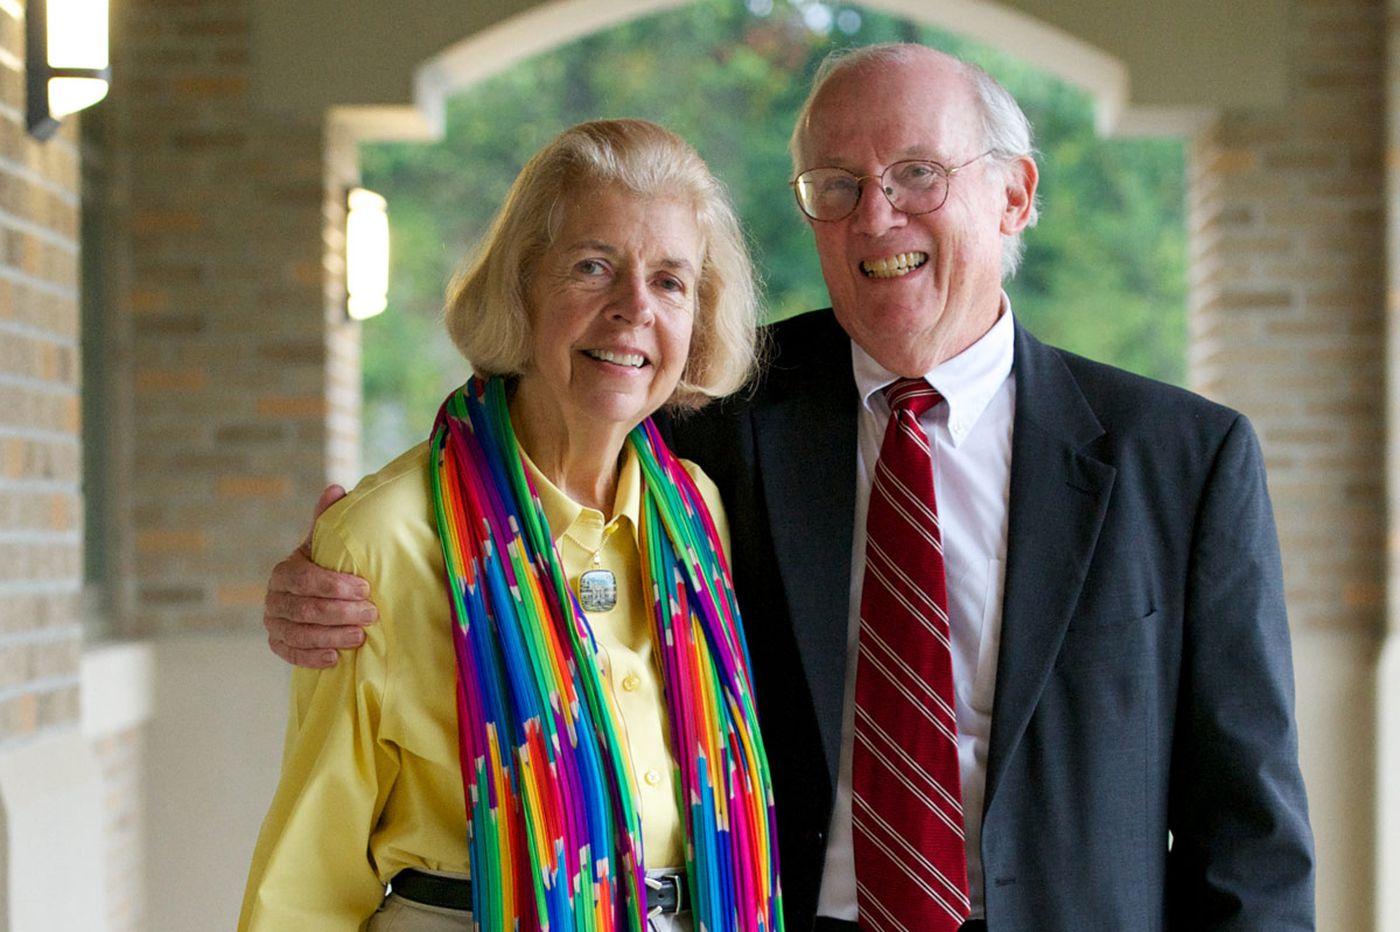 Ruth Williams, 75, educator and philanthropist